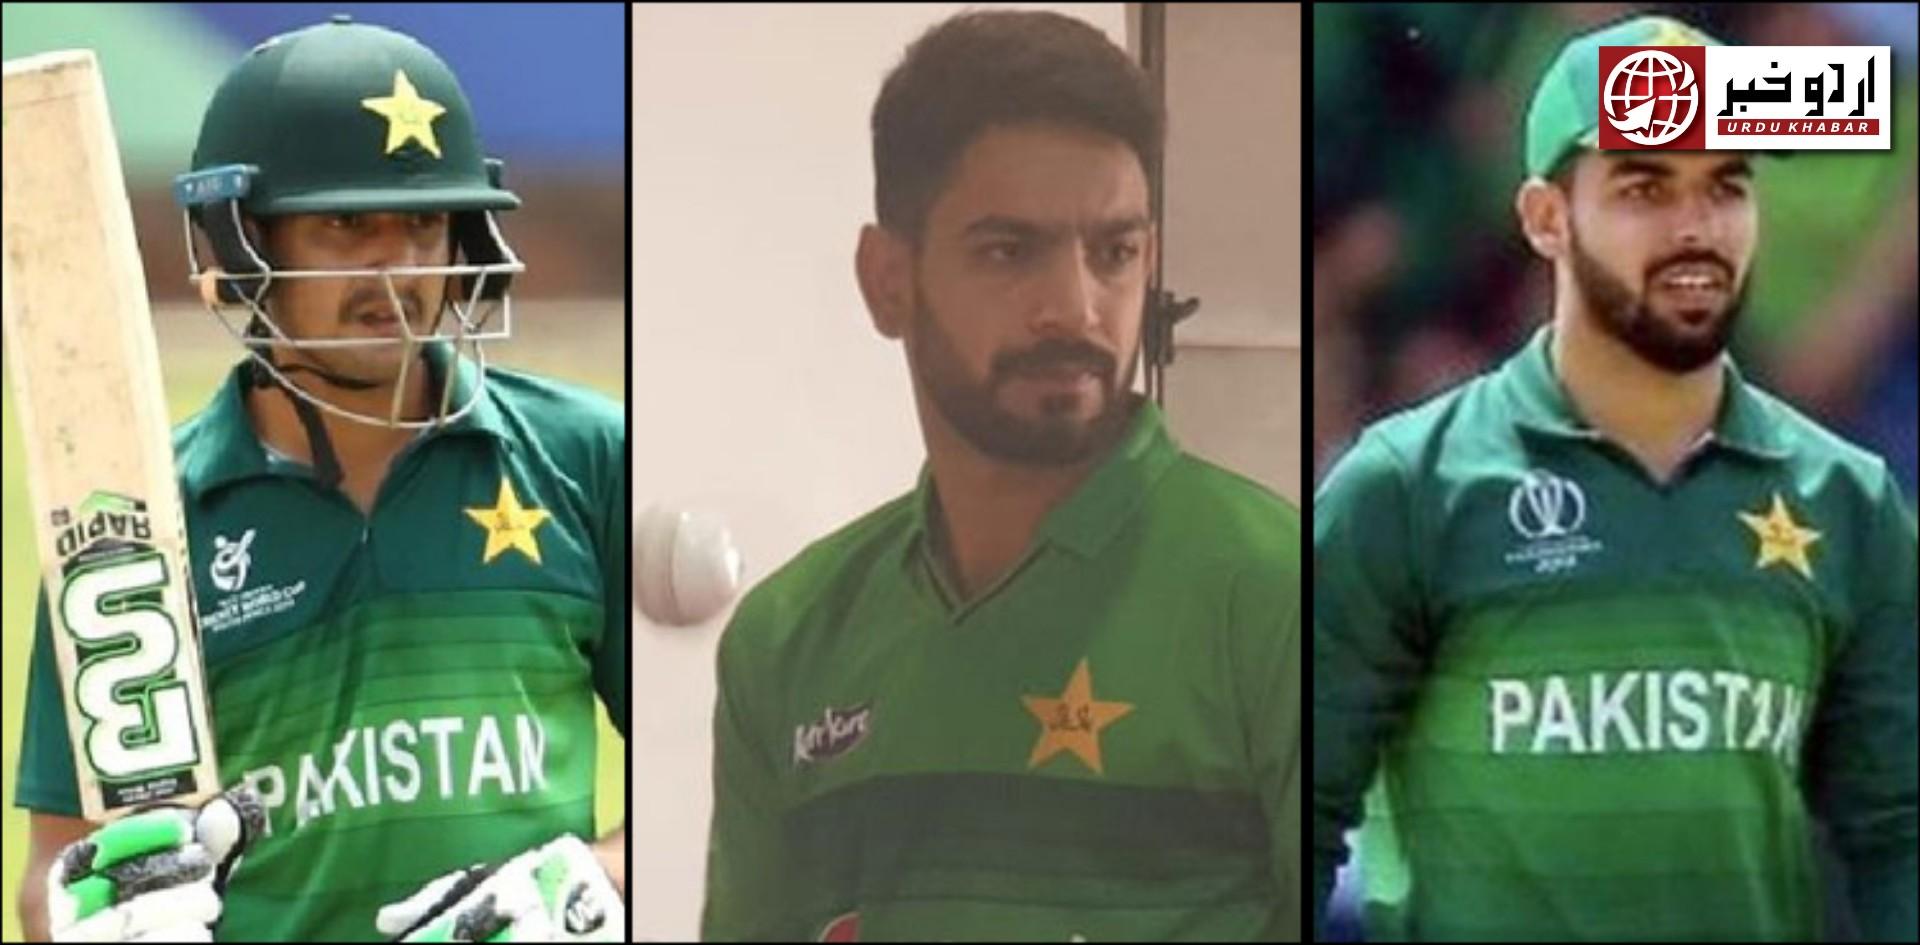 پاکستان کرکٹ ٹیم کے 3 کھلاڑیوں میں کورونا کی تشخیص